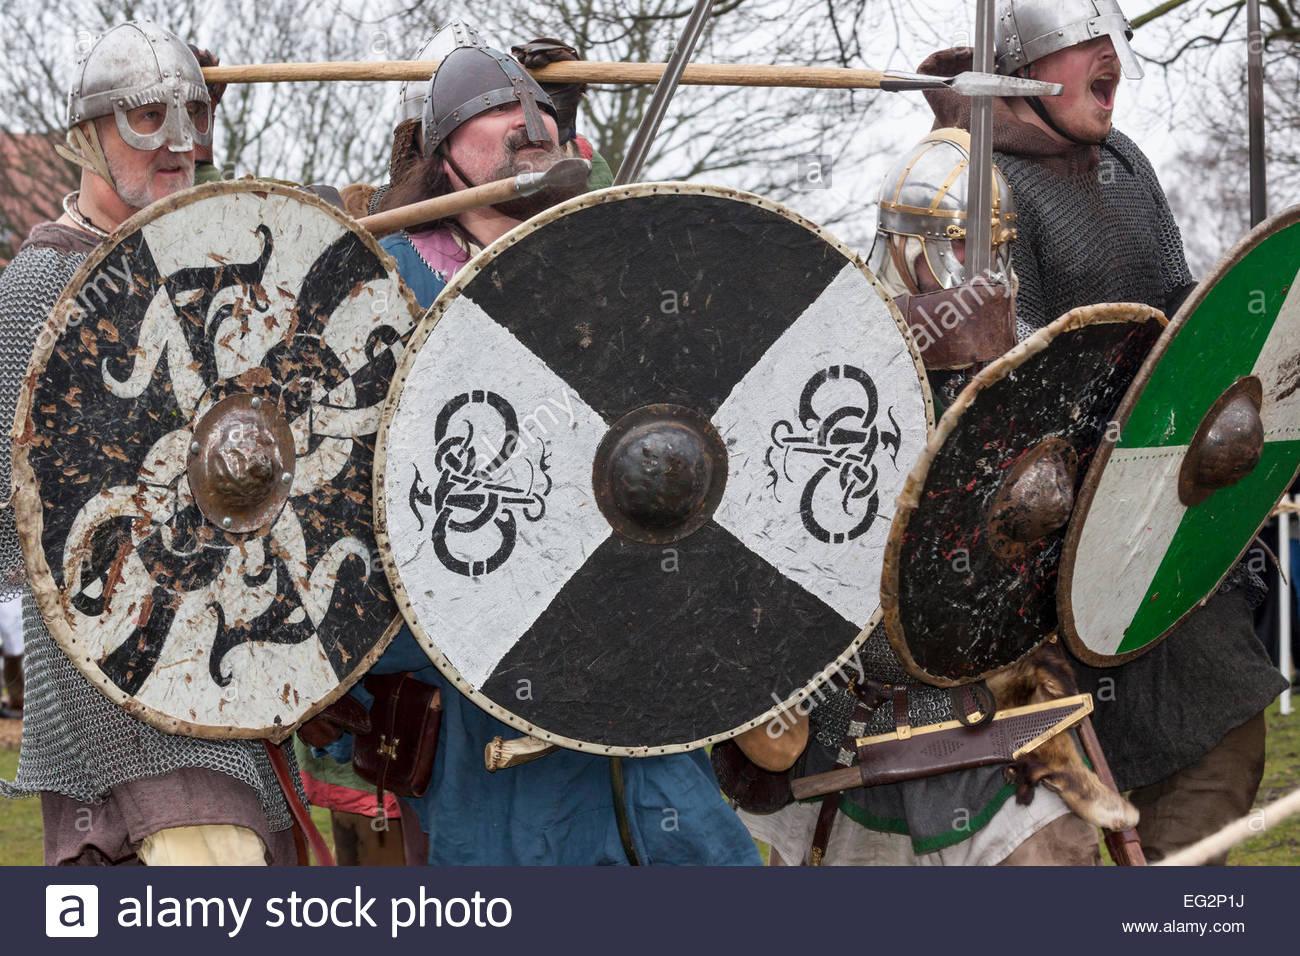 York, North Yorkshire, UK. 14th Feb, 2015. York's 31st Jorvik Viking Festival has started. Festival runs from - Stock Image